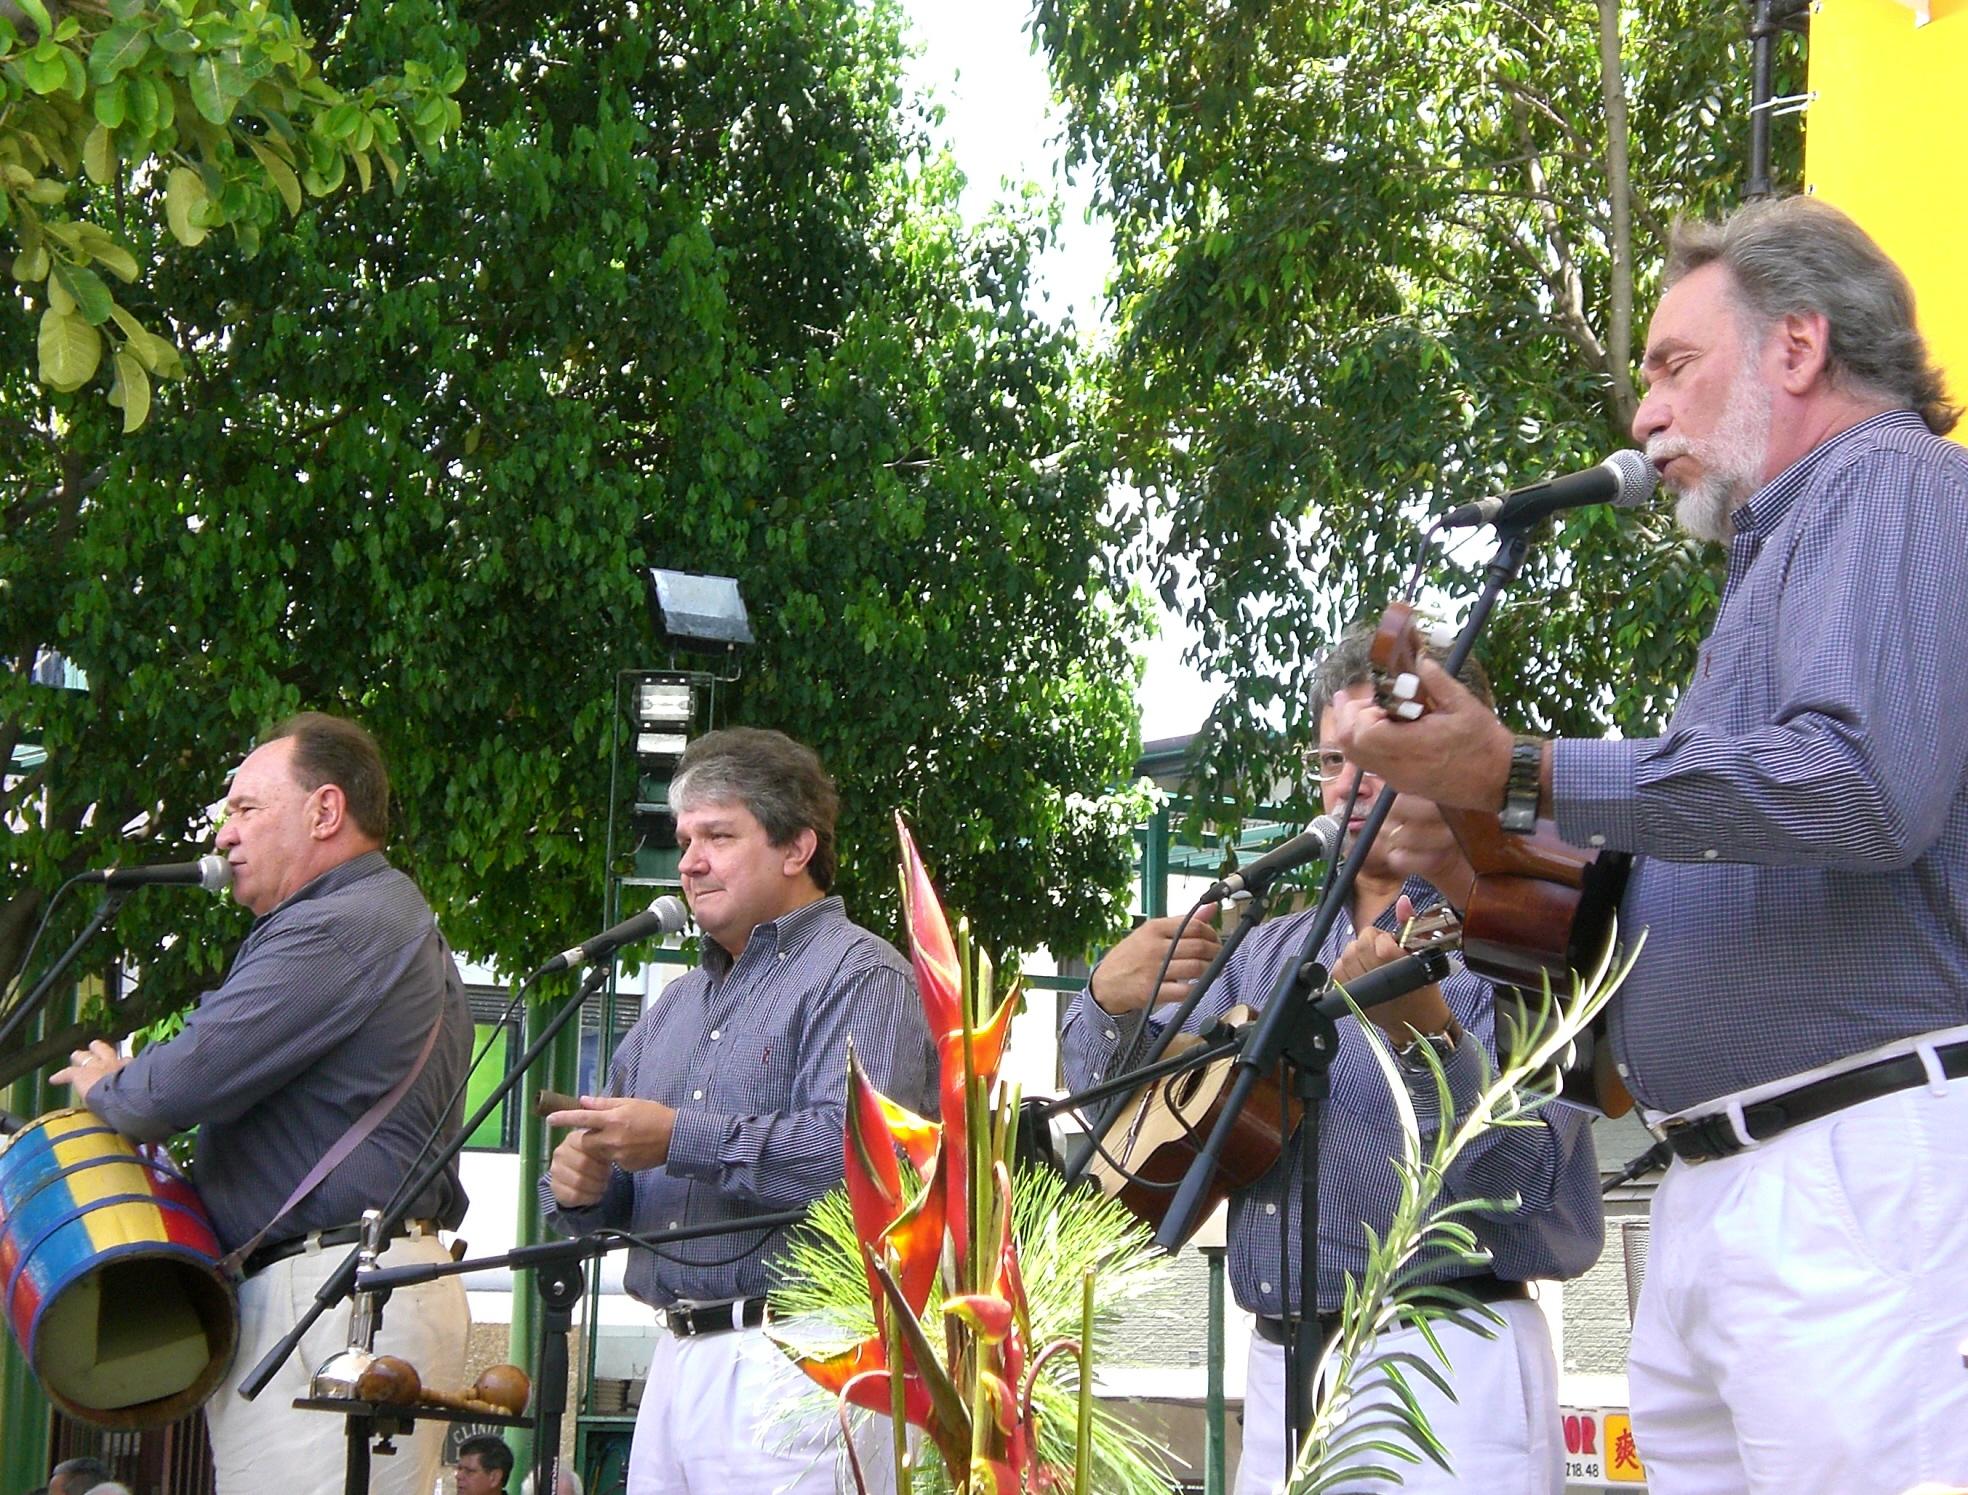 La agrupación Serenata Guayanesa